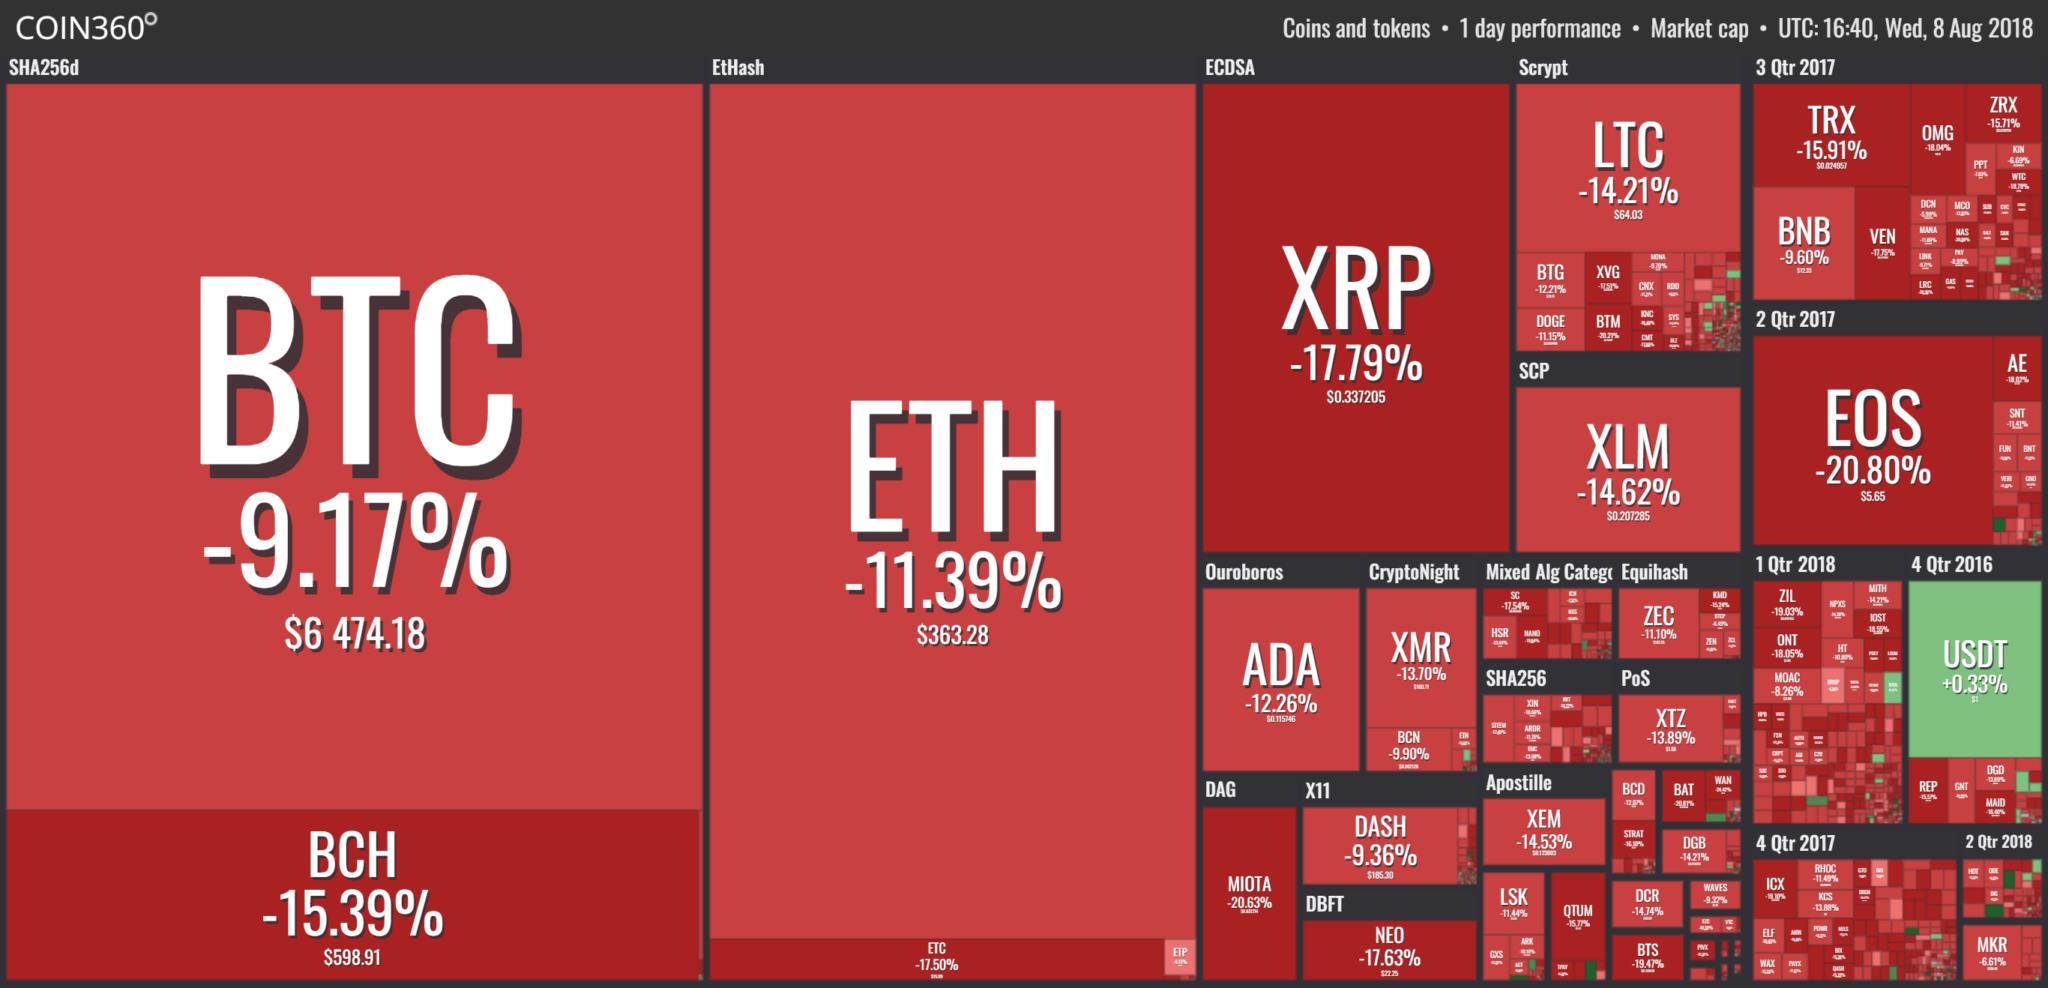 Nagyot estek a kriptopénz árfolyamok